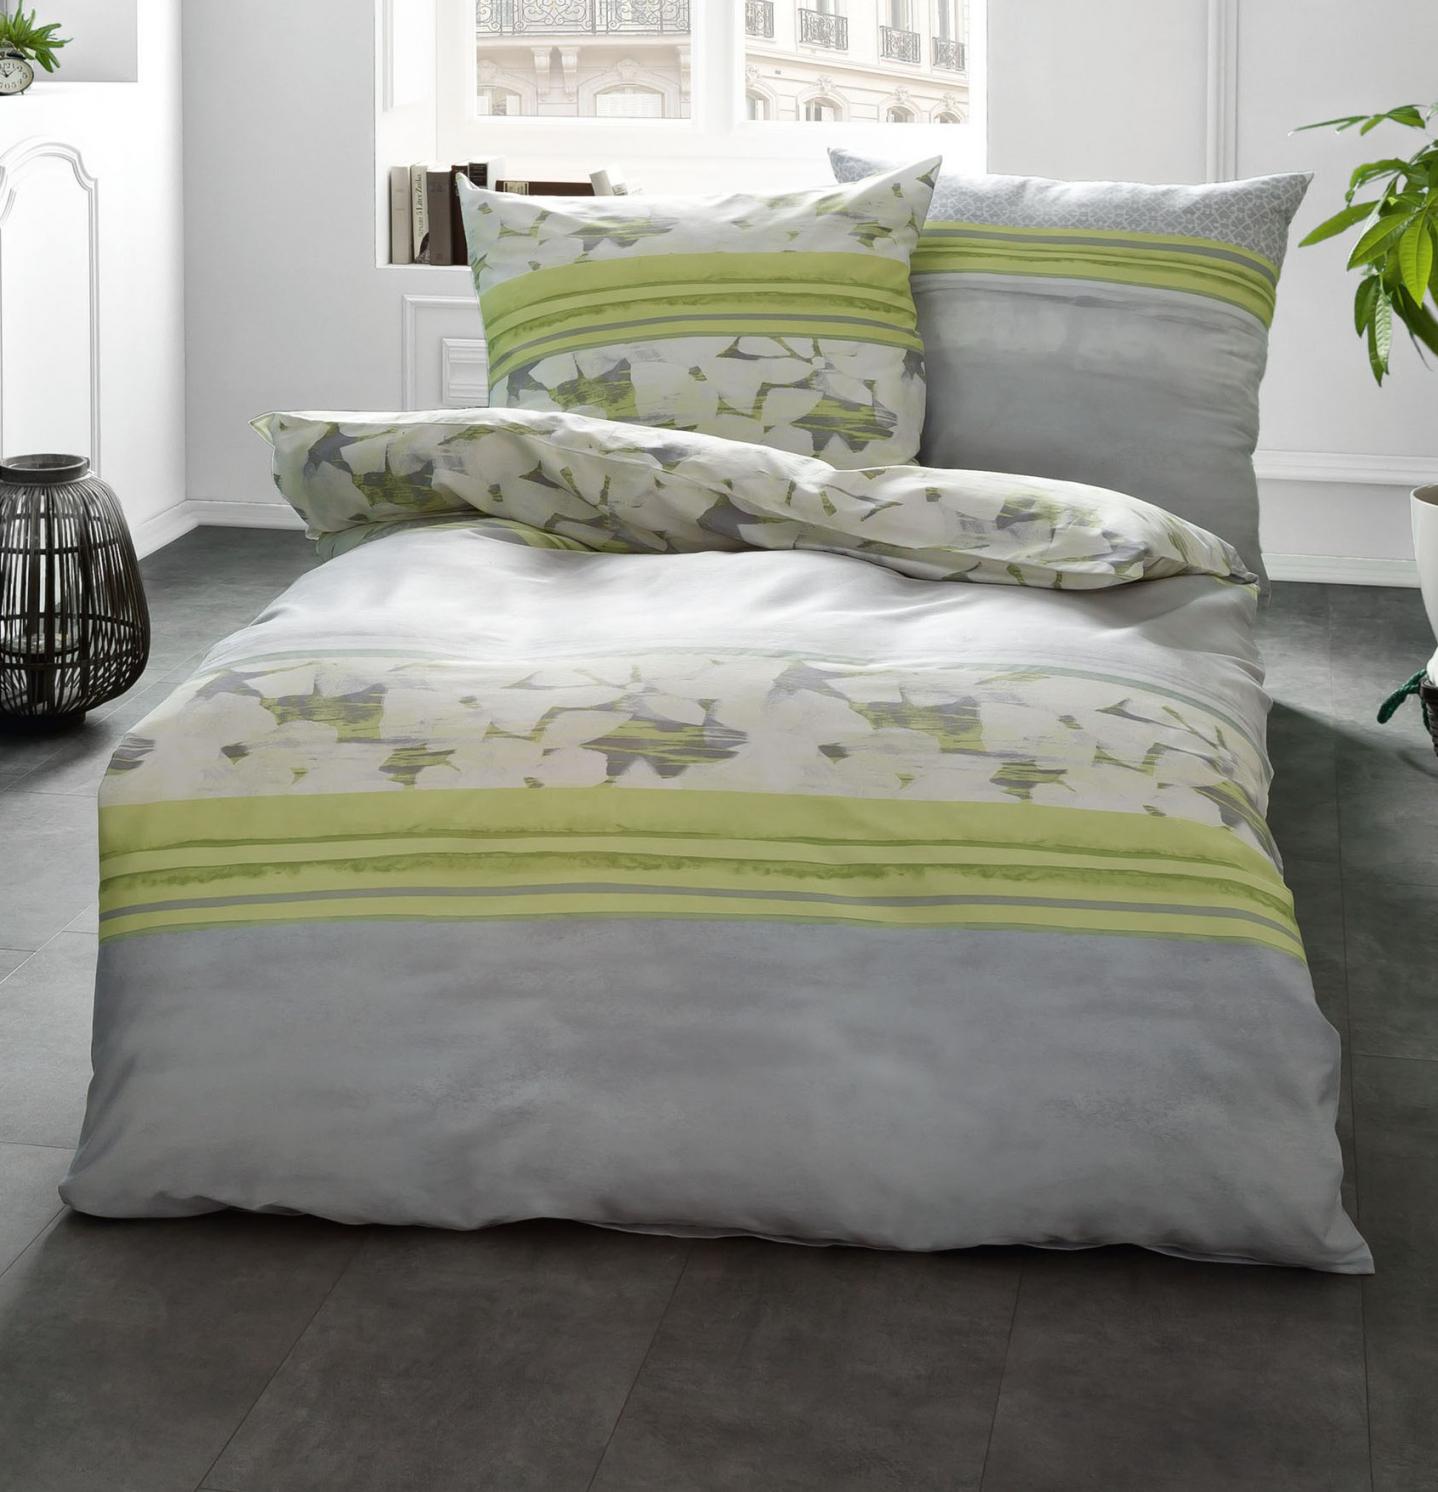 Beste Günstig Bettwäsche Bedrucken Lassen  Bettwäsche Ideen von Bettwäsche Bedrucken Lassen Günstig Bild